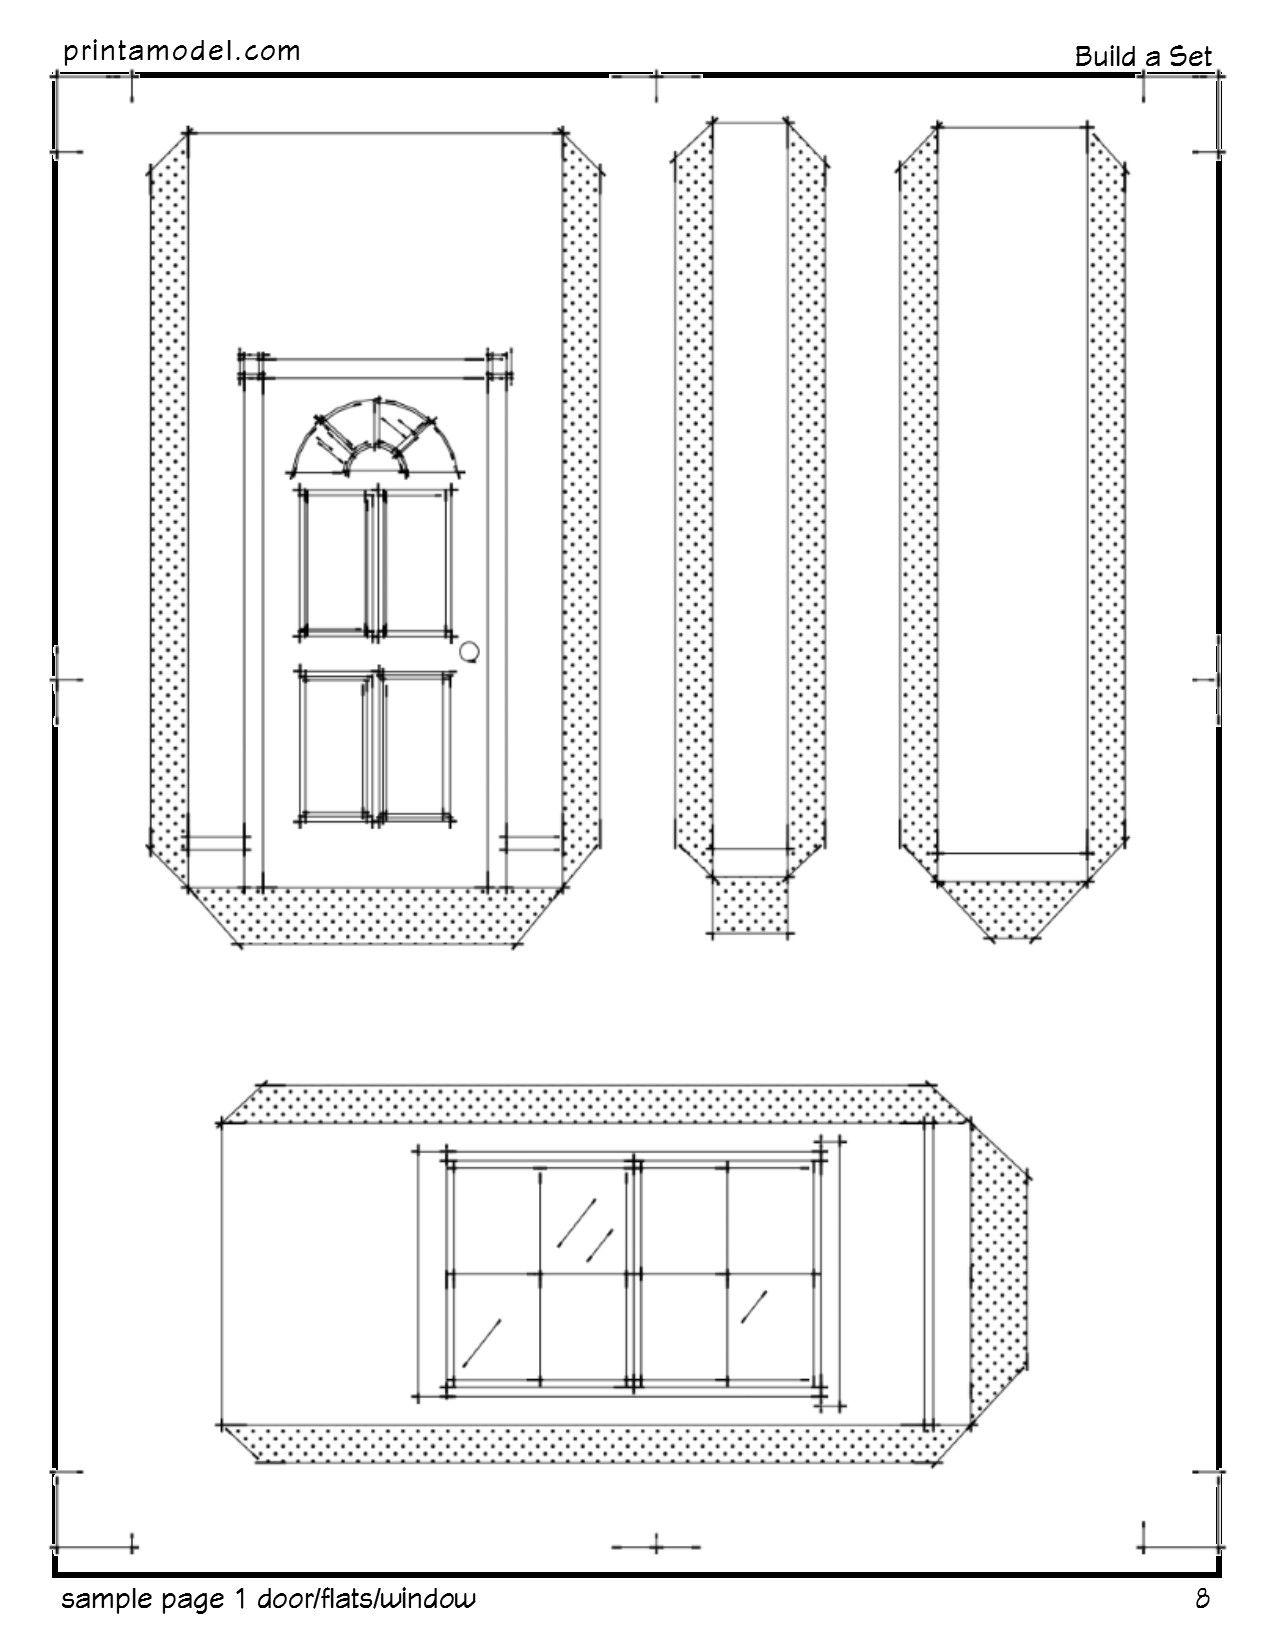 Pin By Mark Ellison On White Card Model Set Design For Theatre Stage Set Design Stage Design Design